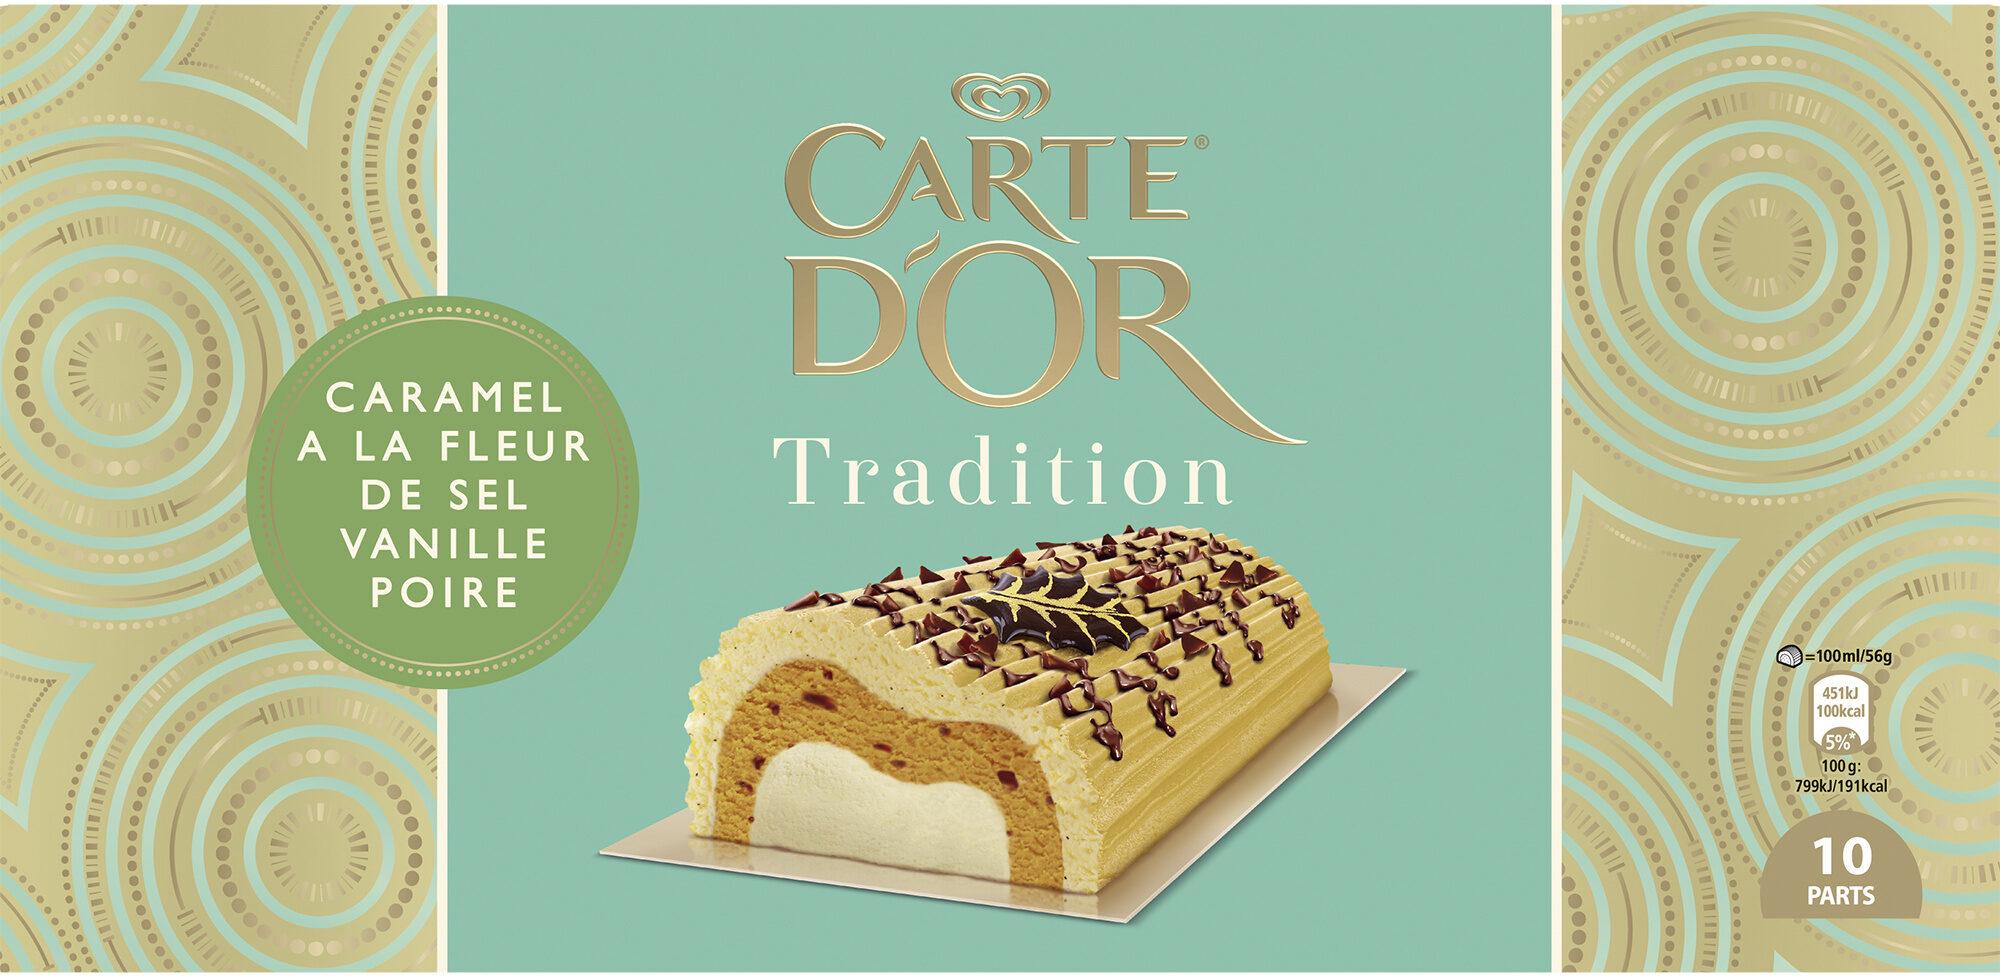 Carte D'or Tradition Glace Buche Tradition Caramel Fleur de Sel Vanille Poire 10 parts - Produit - fr